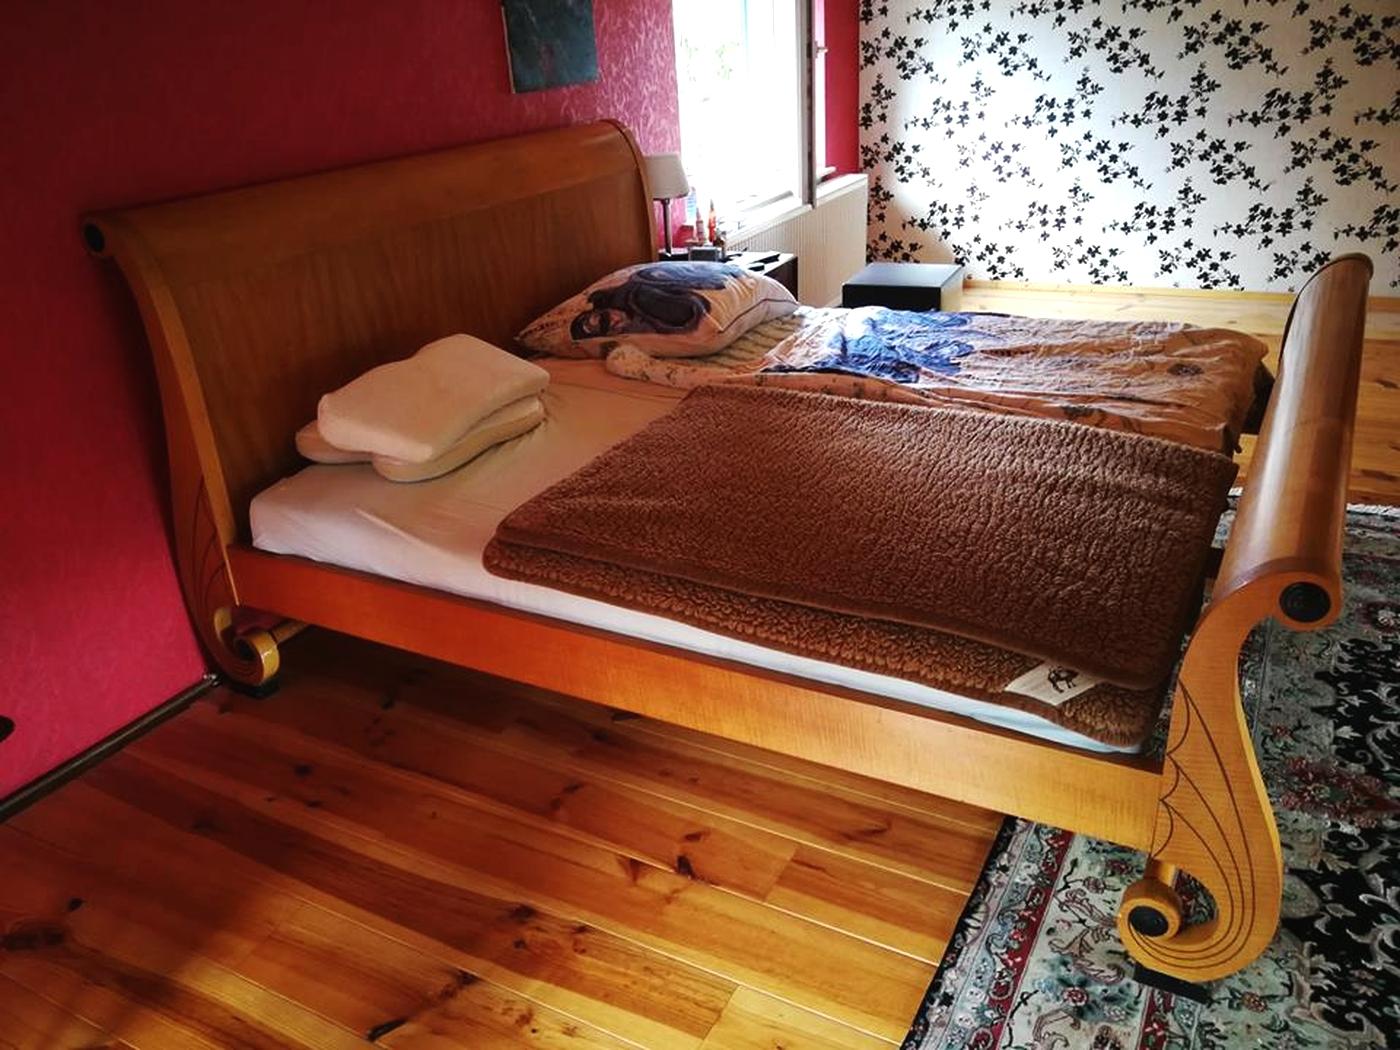 Full Size of Amerikanisches Bett King Size Ihre Verkaufsagentur 2012 140x220 180x200 Mit Bettkasten 200x200 Günstige Betten Günstig Kaufen Balken Jensen Minion Stauraum Bett Amerikanisches Bett